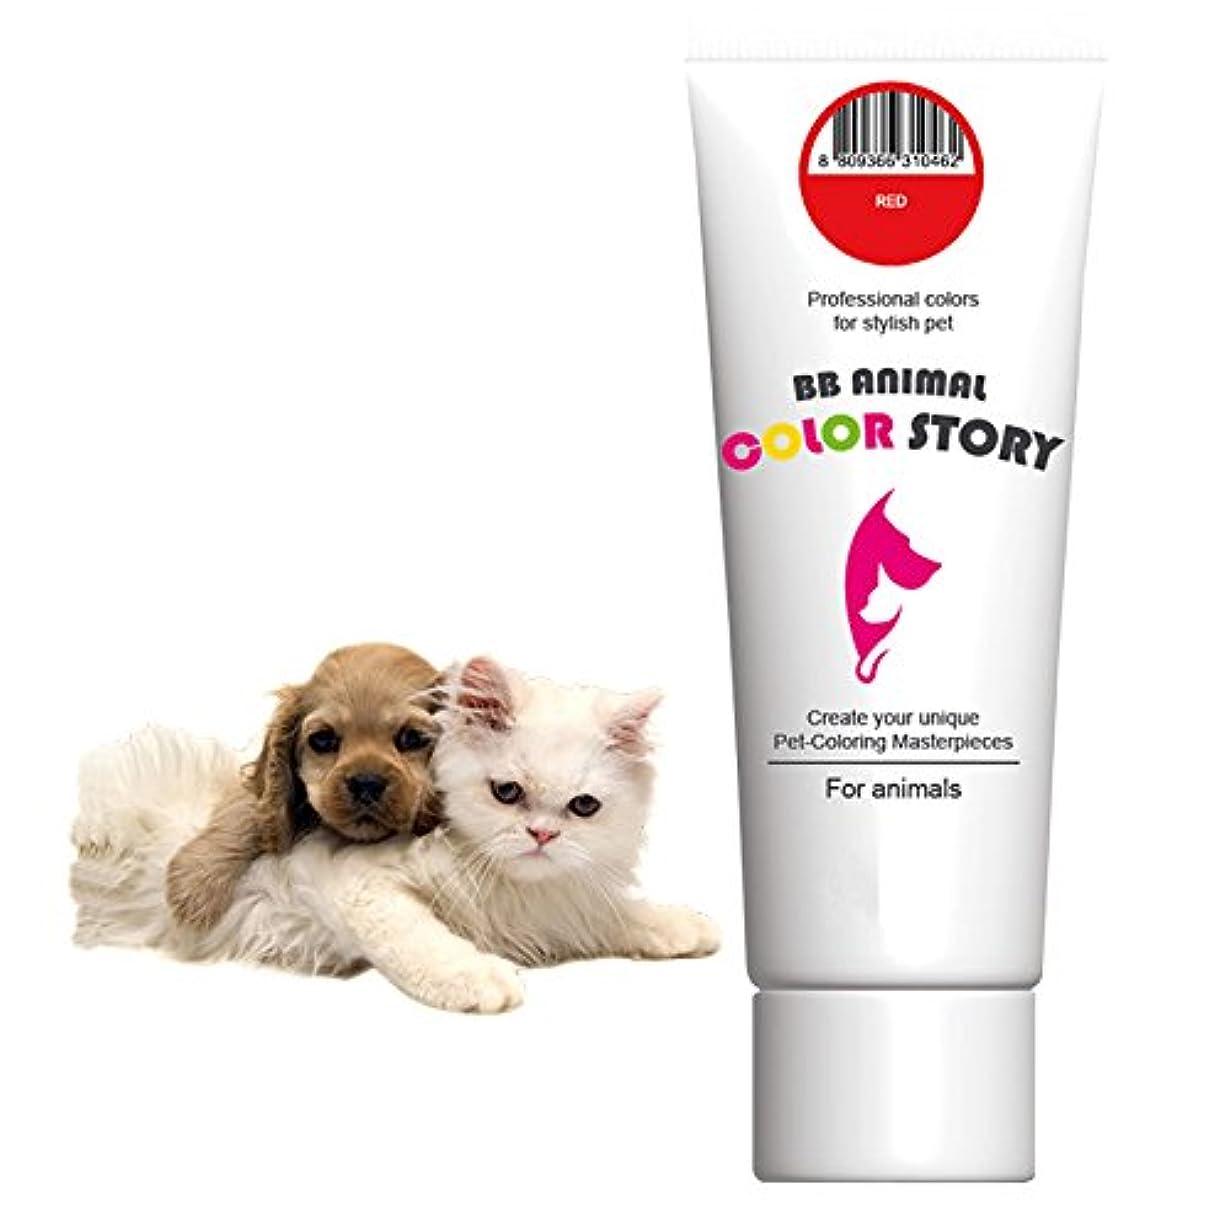 外交問題コミュニケーション普遍的な毛染め, 犬ヘアダイ, Red, カラーリング Dog Hair Dye Hair Bleach Hair Coloring Professional Colors for Stylish Pet 50ml 並行輸入